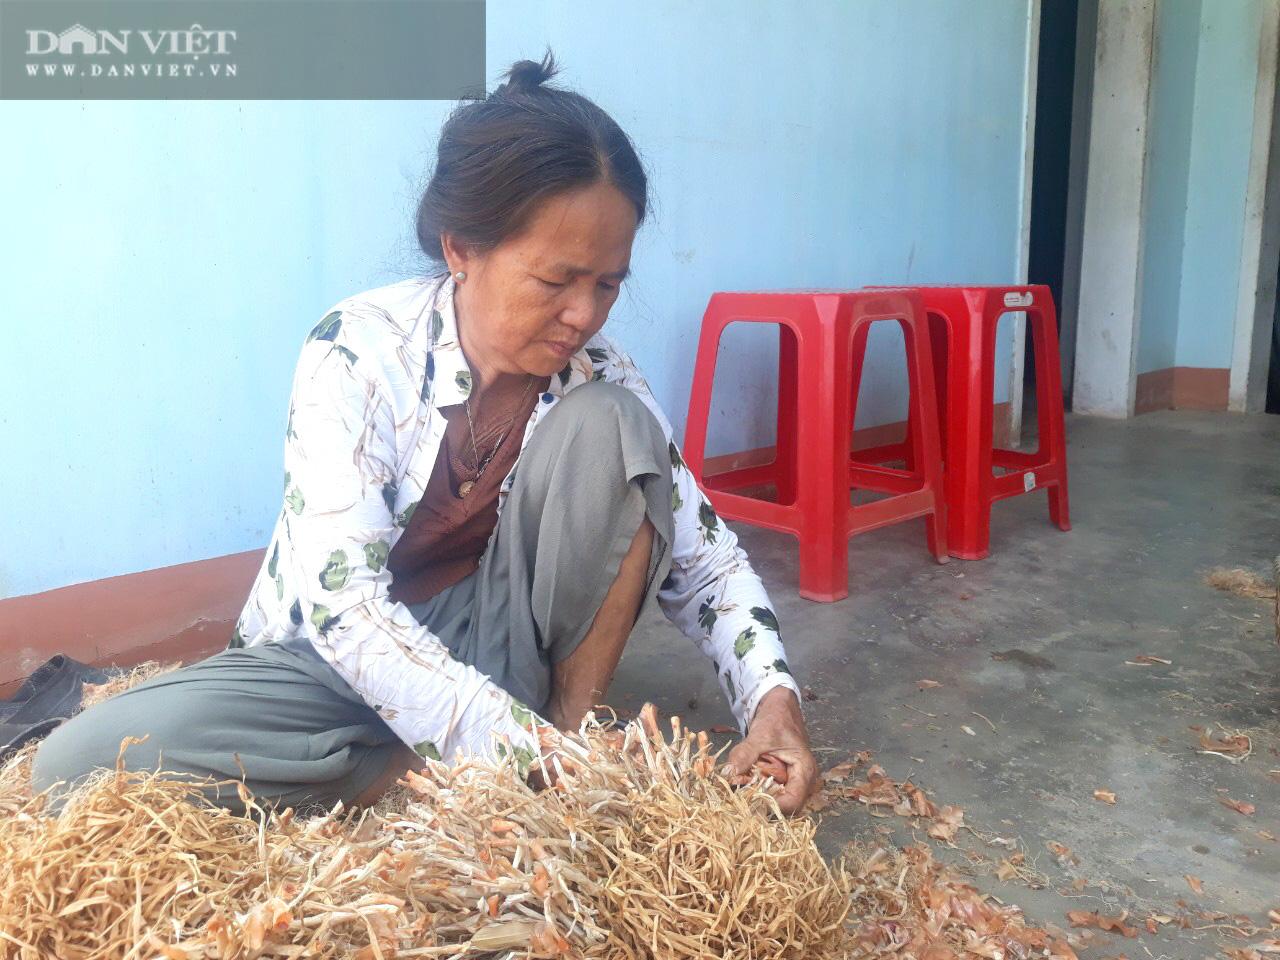 """Giá hành tím bất ngờ hạ giá, bán 1kg không mua nổi ổ bánh mì, nông dân Bình Định lao vào cú """"sốc"""" - Ảnh 2."""